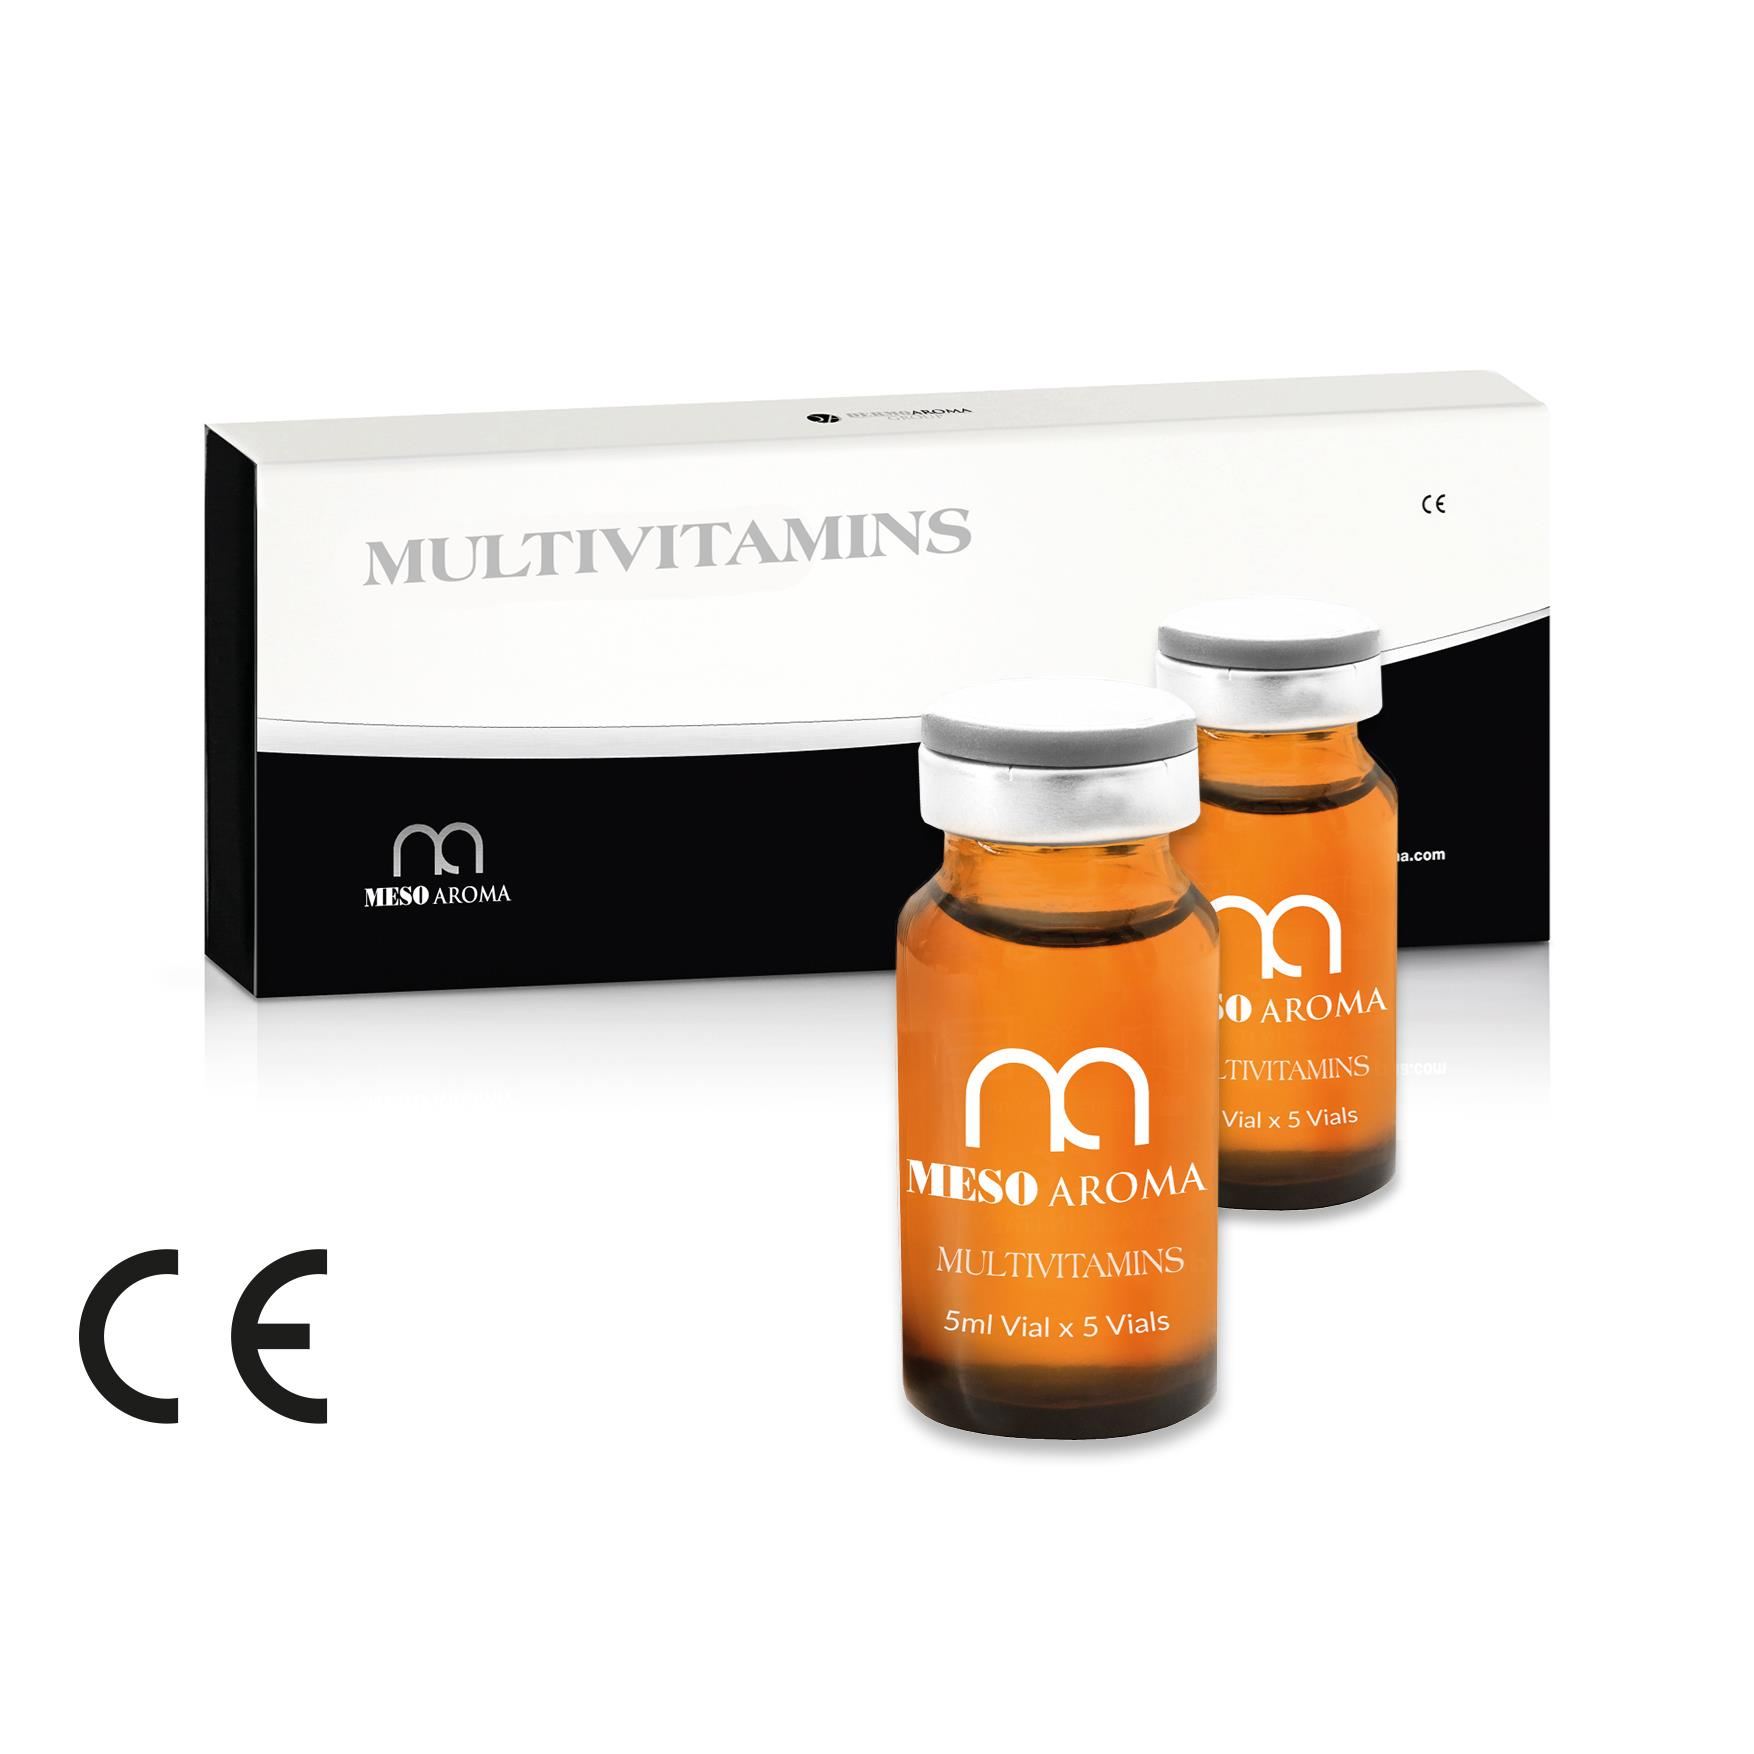 ampulka-koktajl-do-mezoterapii-multivitamins-witaminy-rewitalizacja